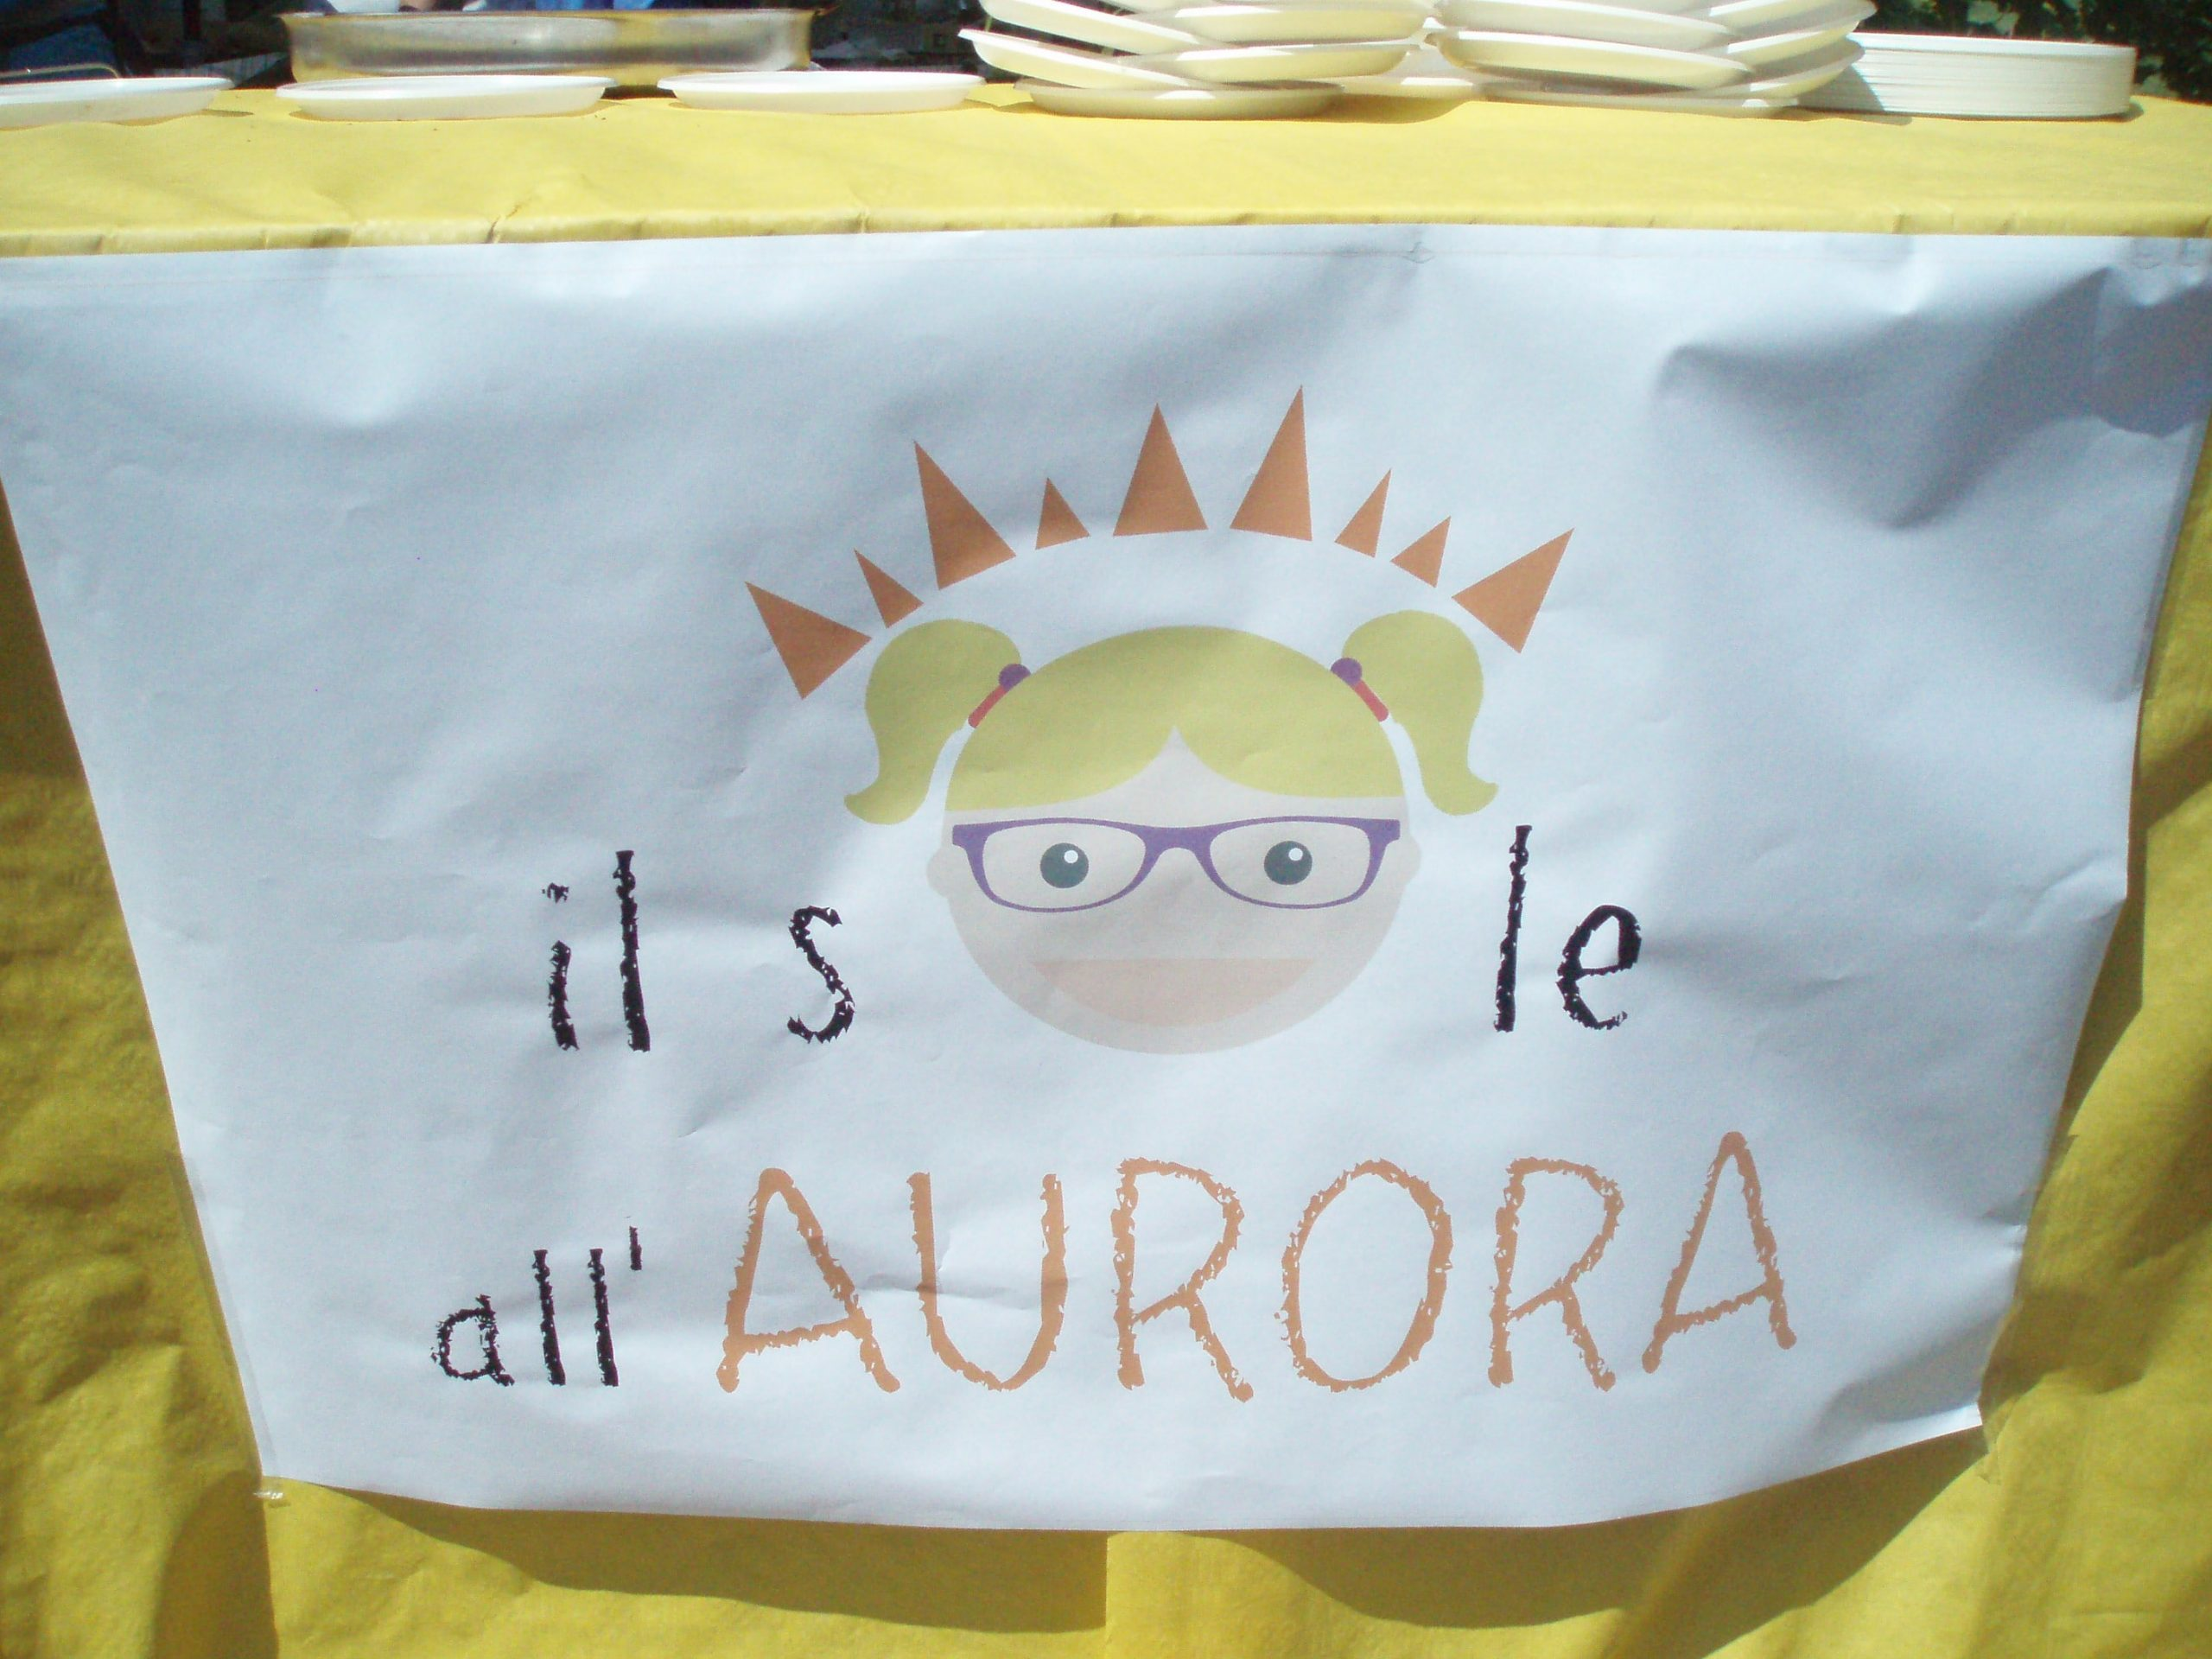 Inaugurazione Il sole all'Aurora